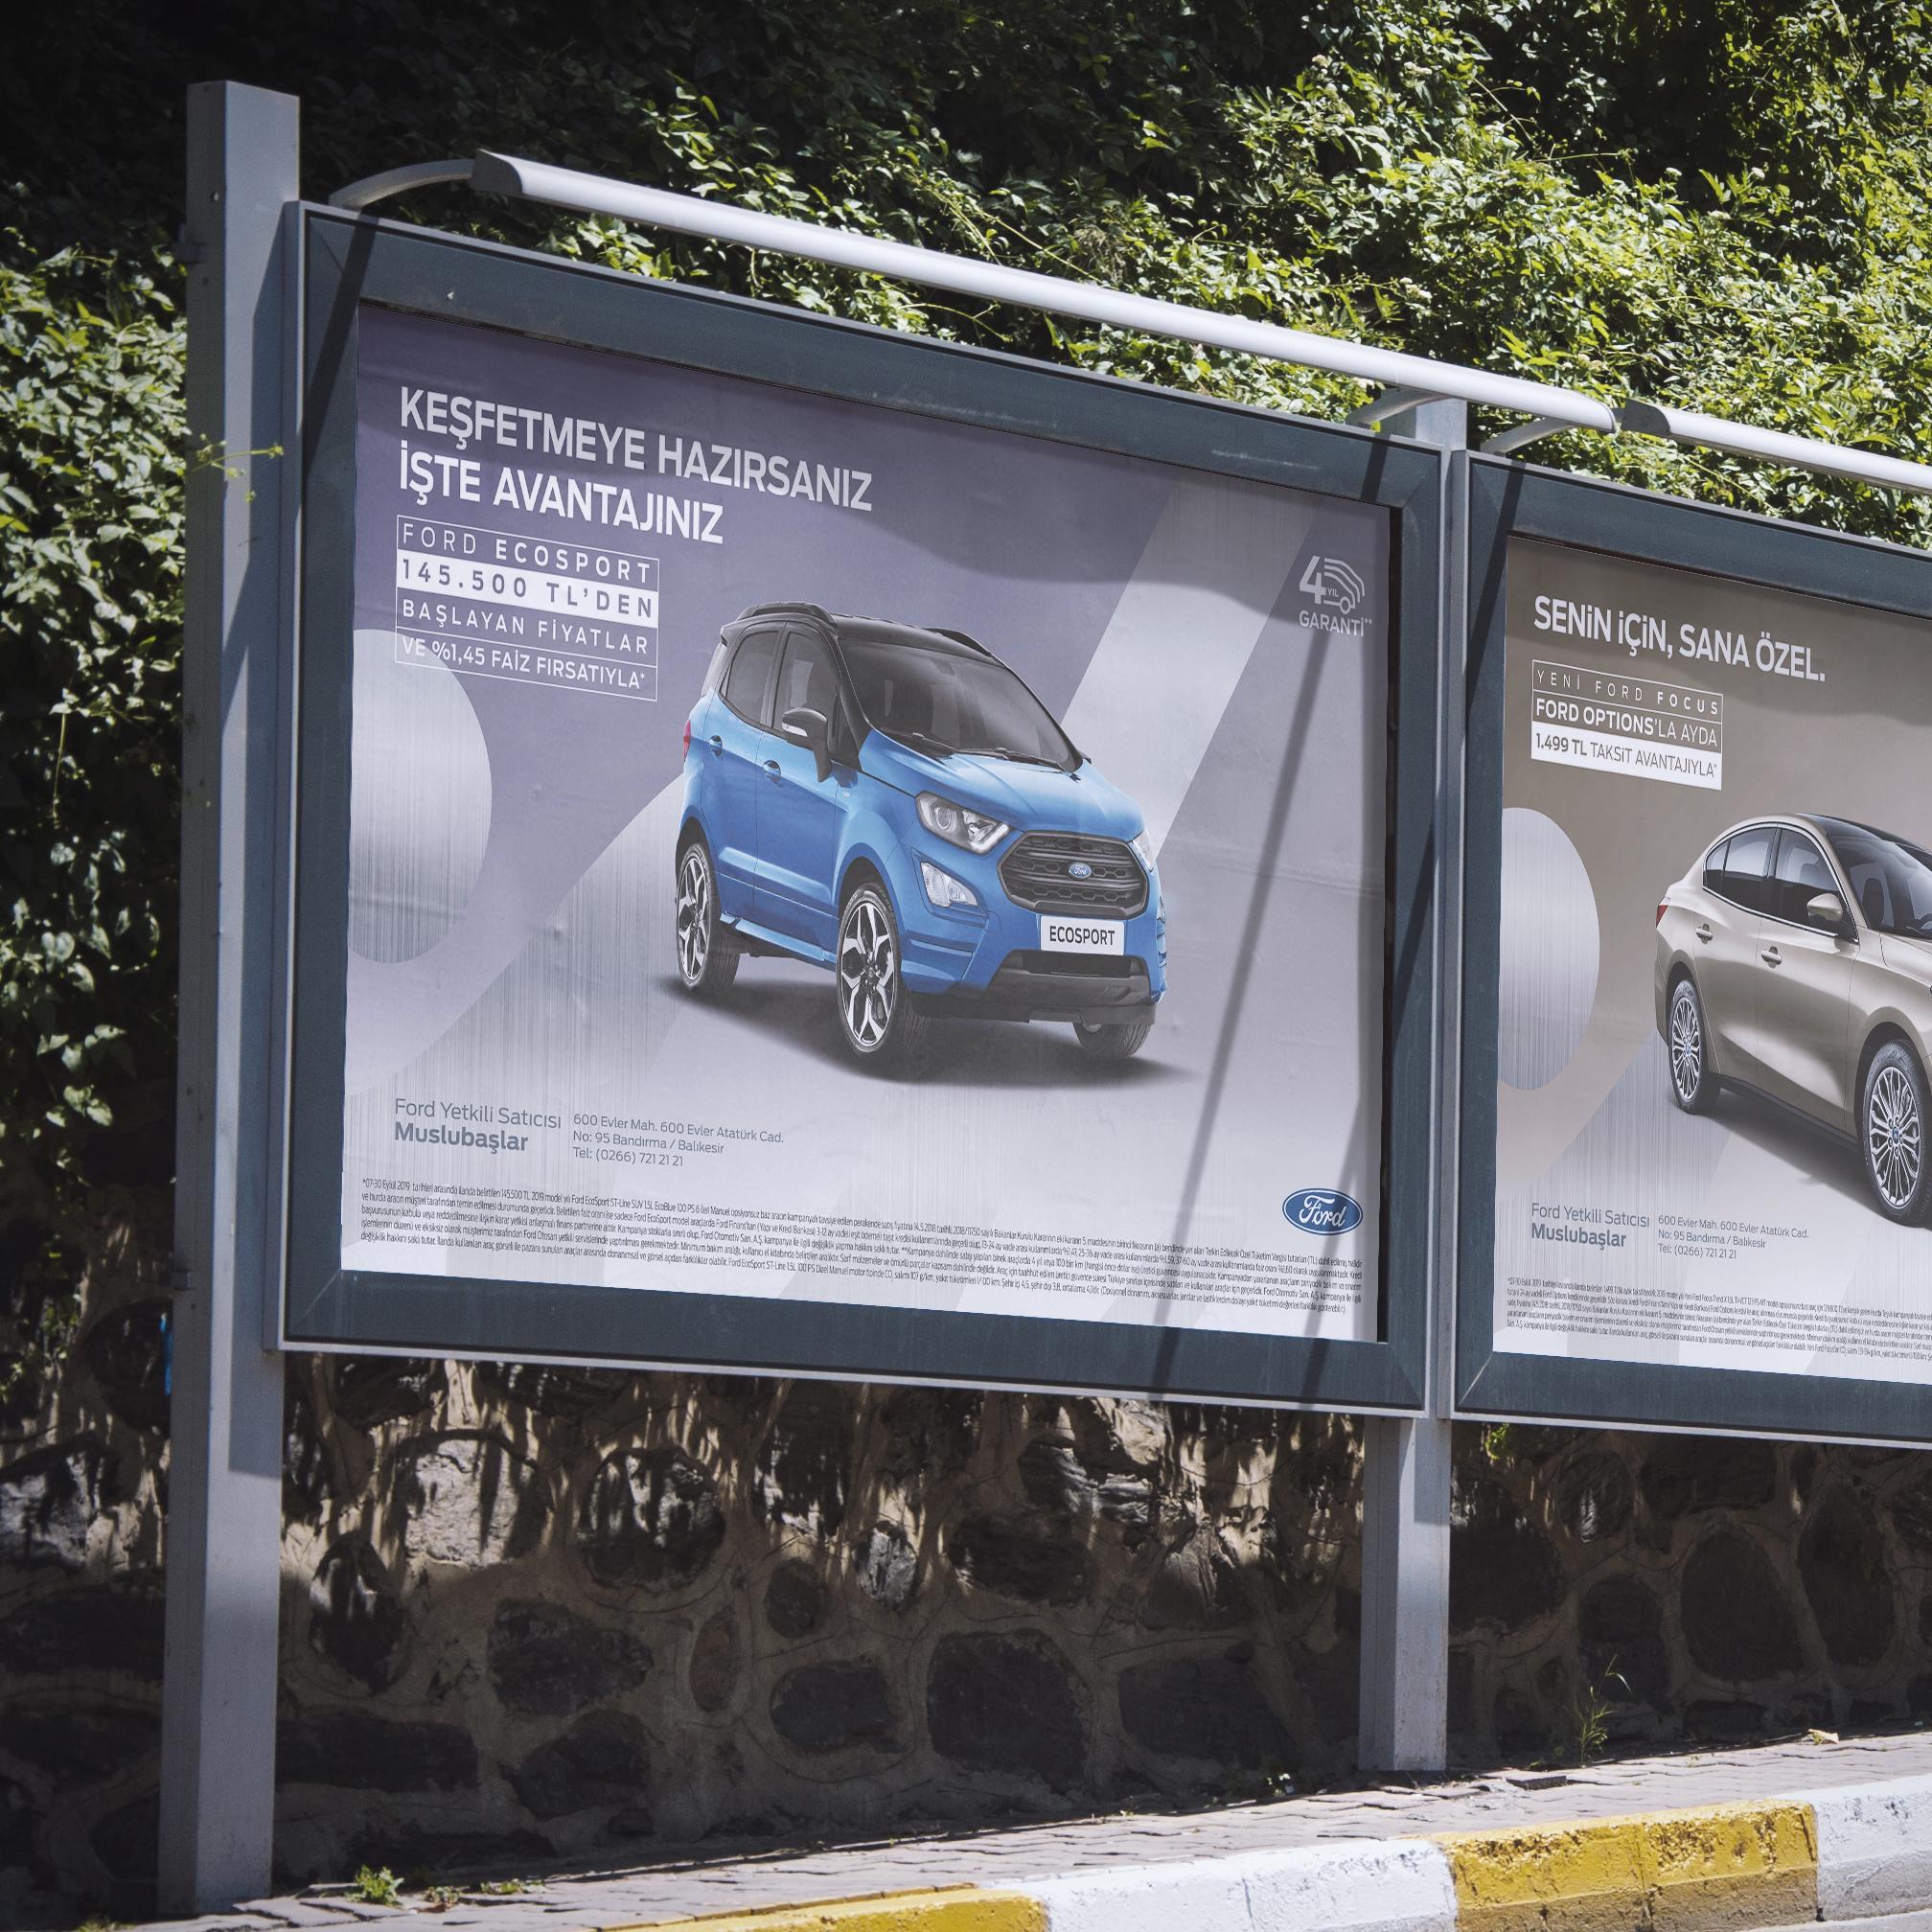 Ford Muslubaşlar Billboard